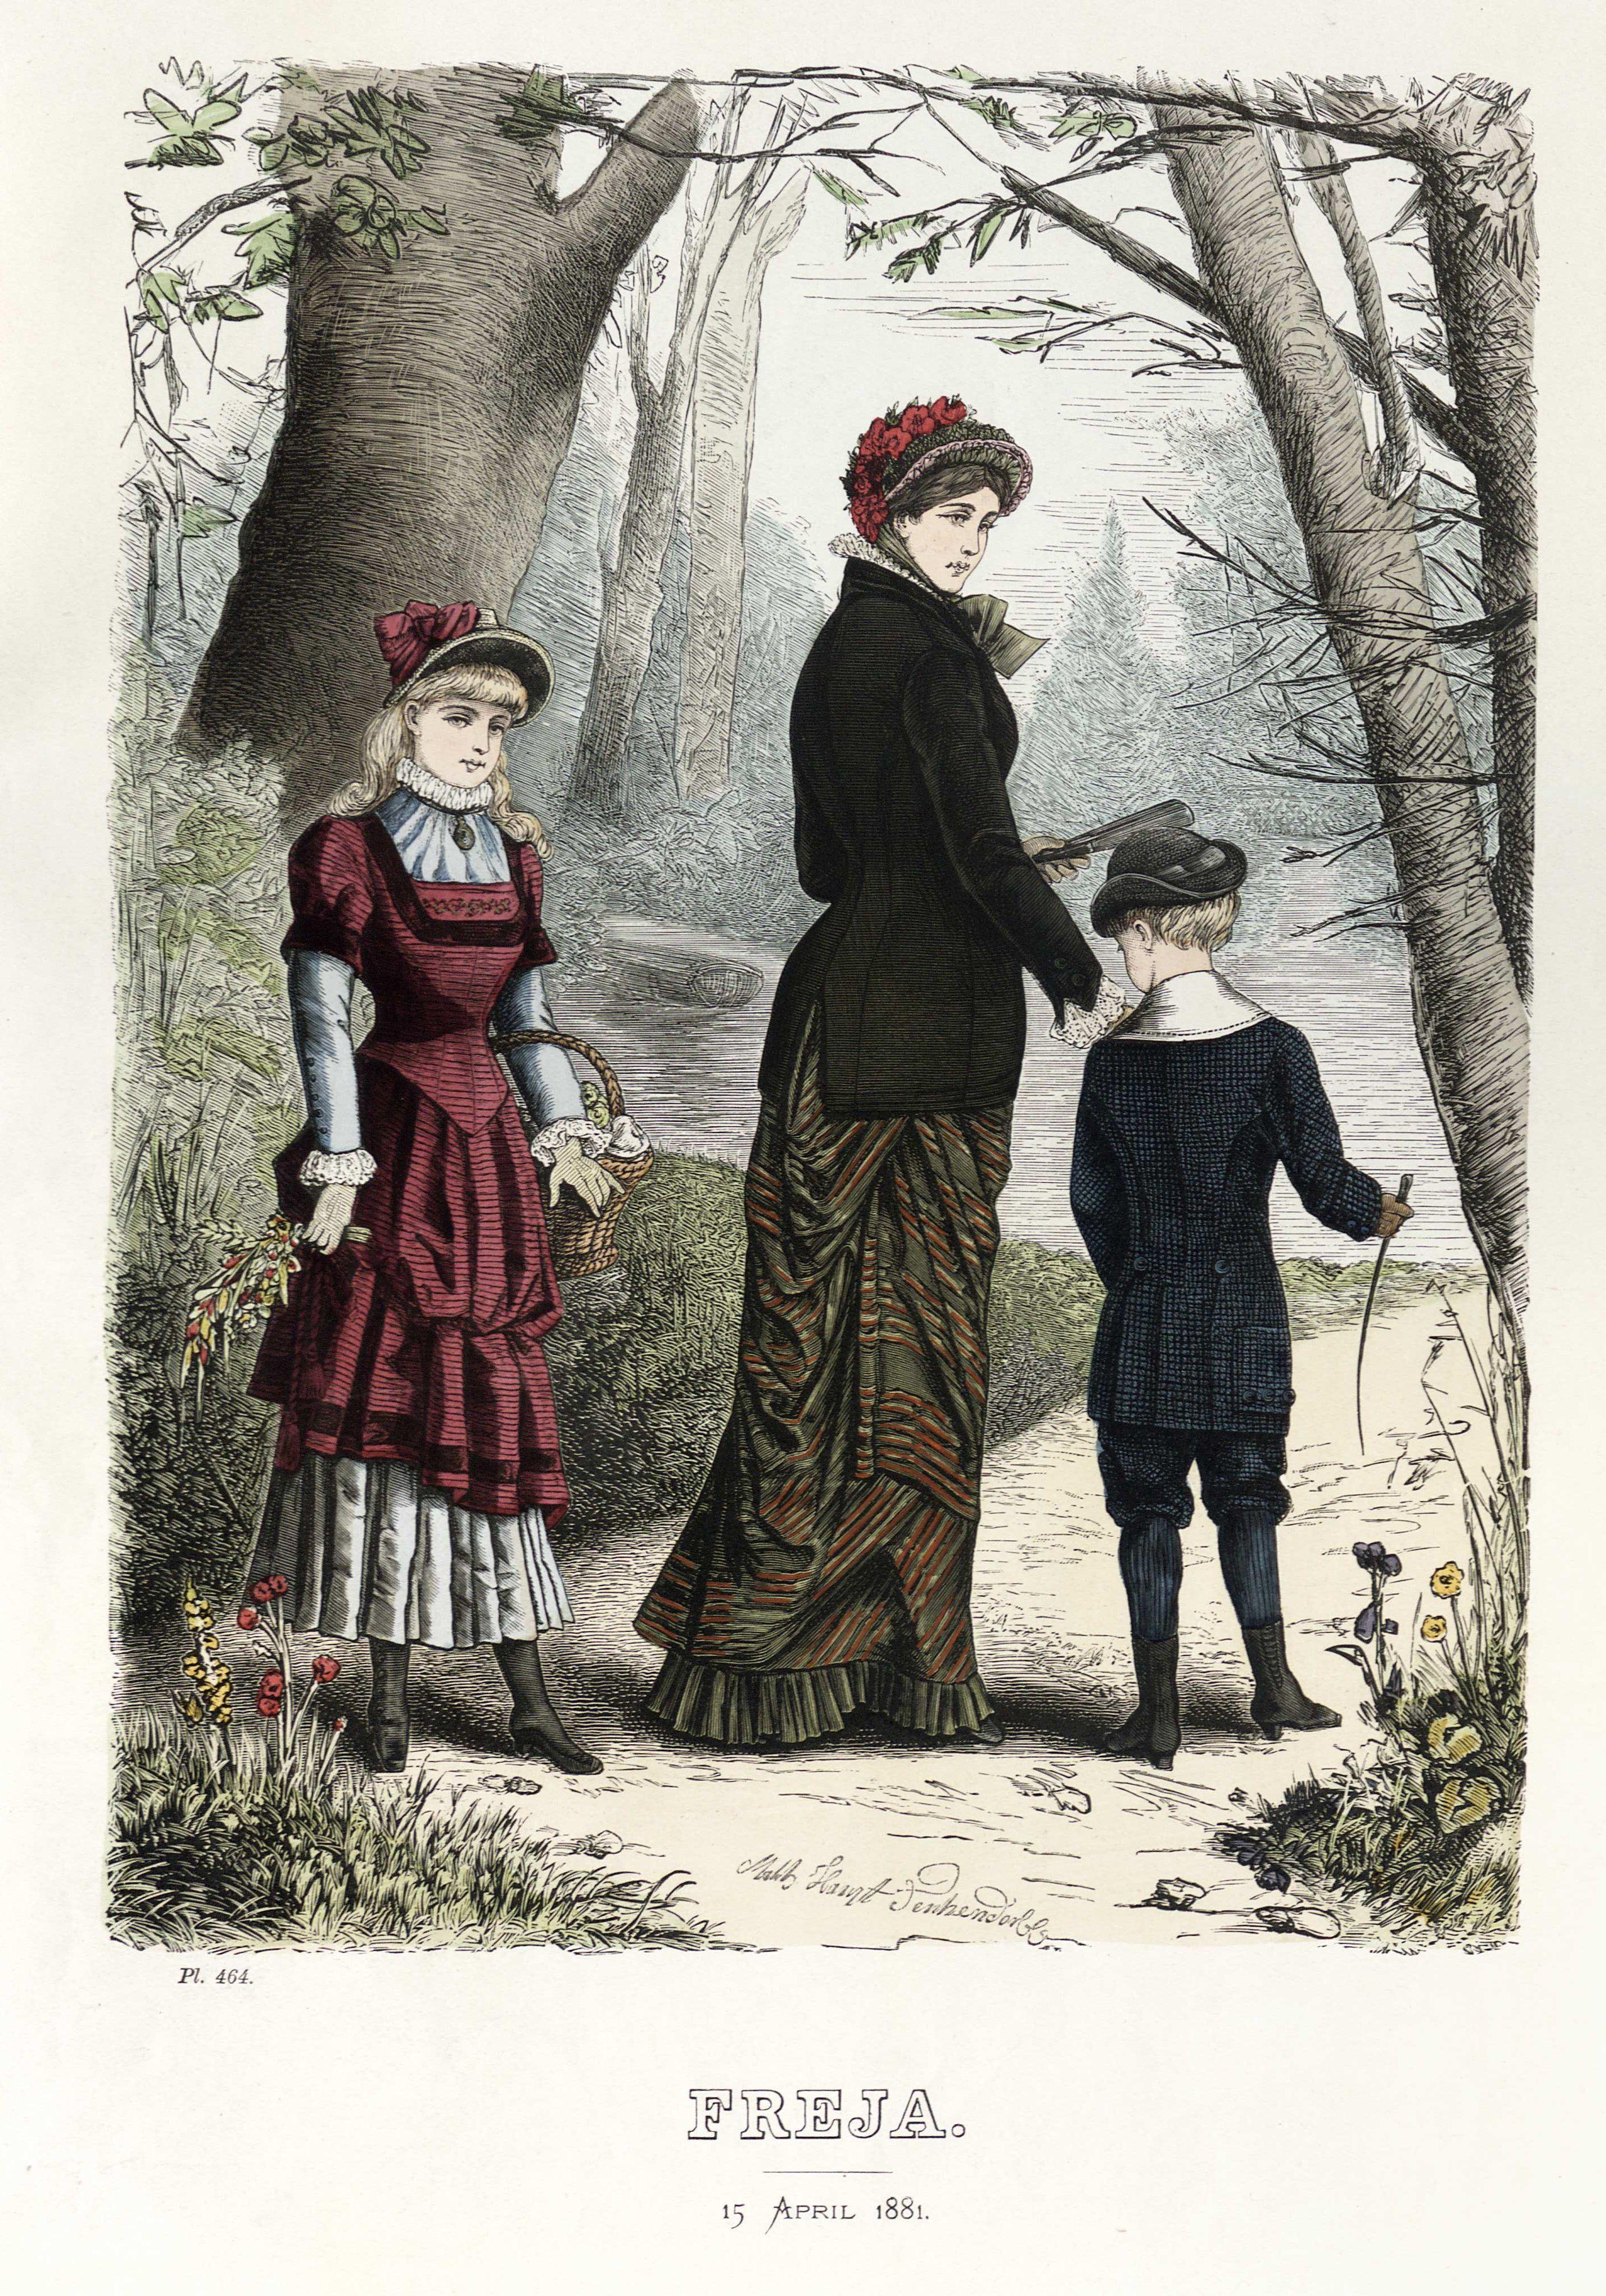 File:Freja illustrerad skandinavisk modetidning 1881